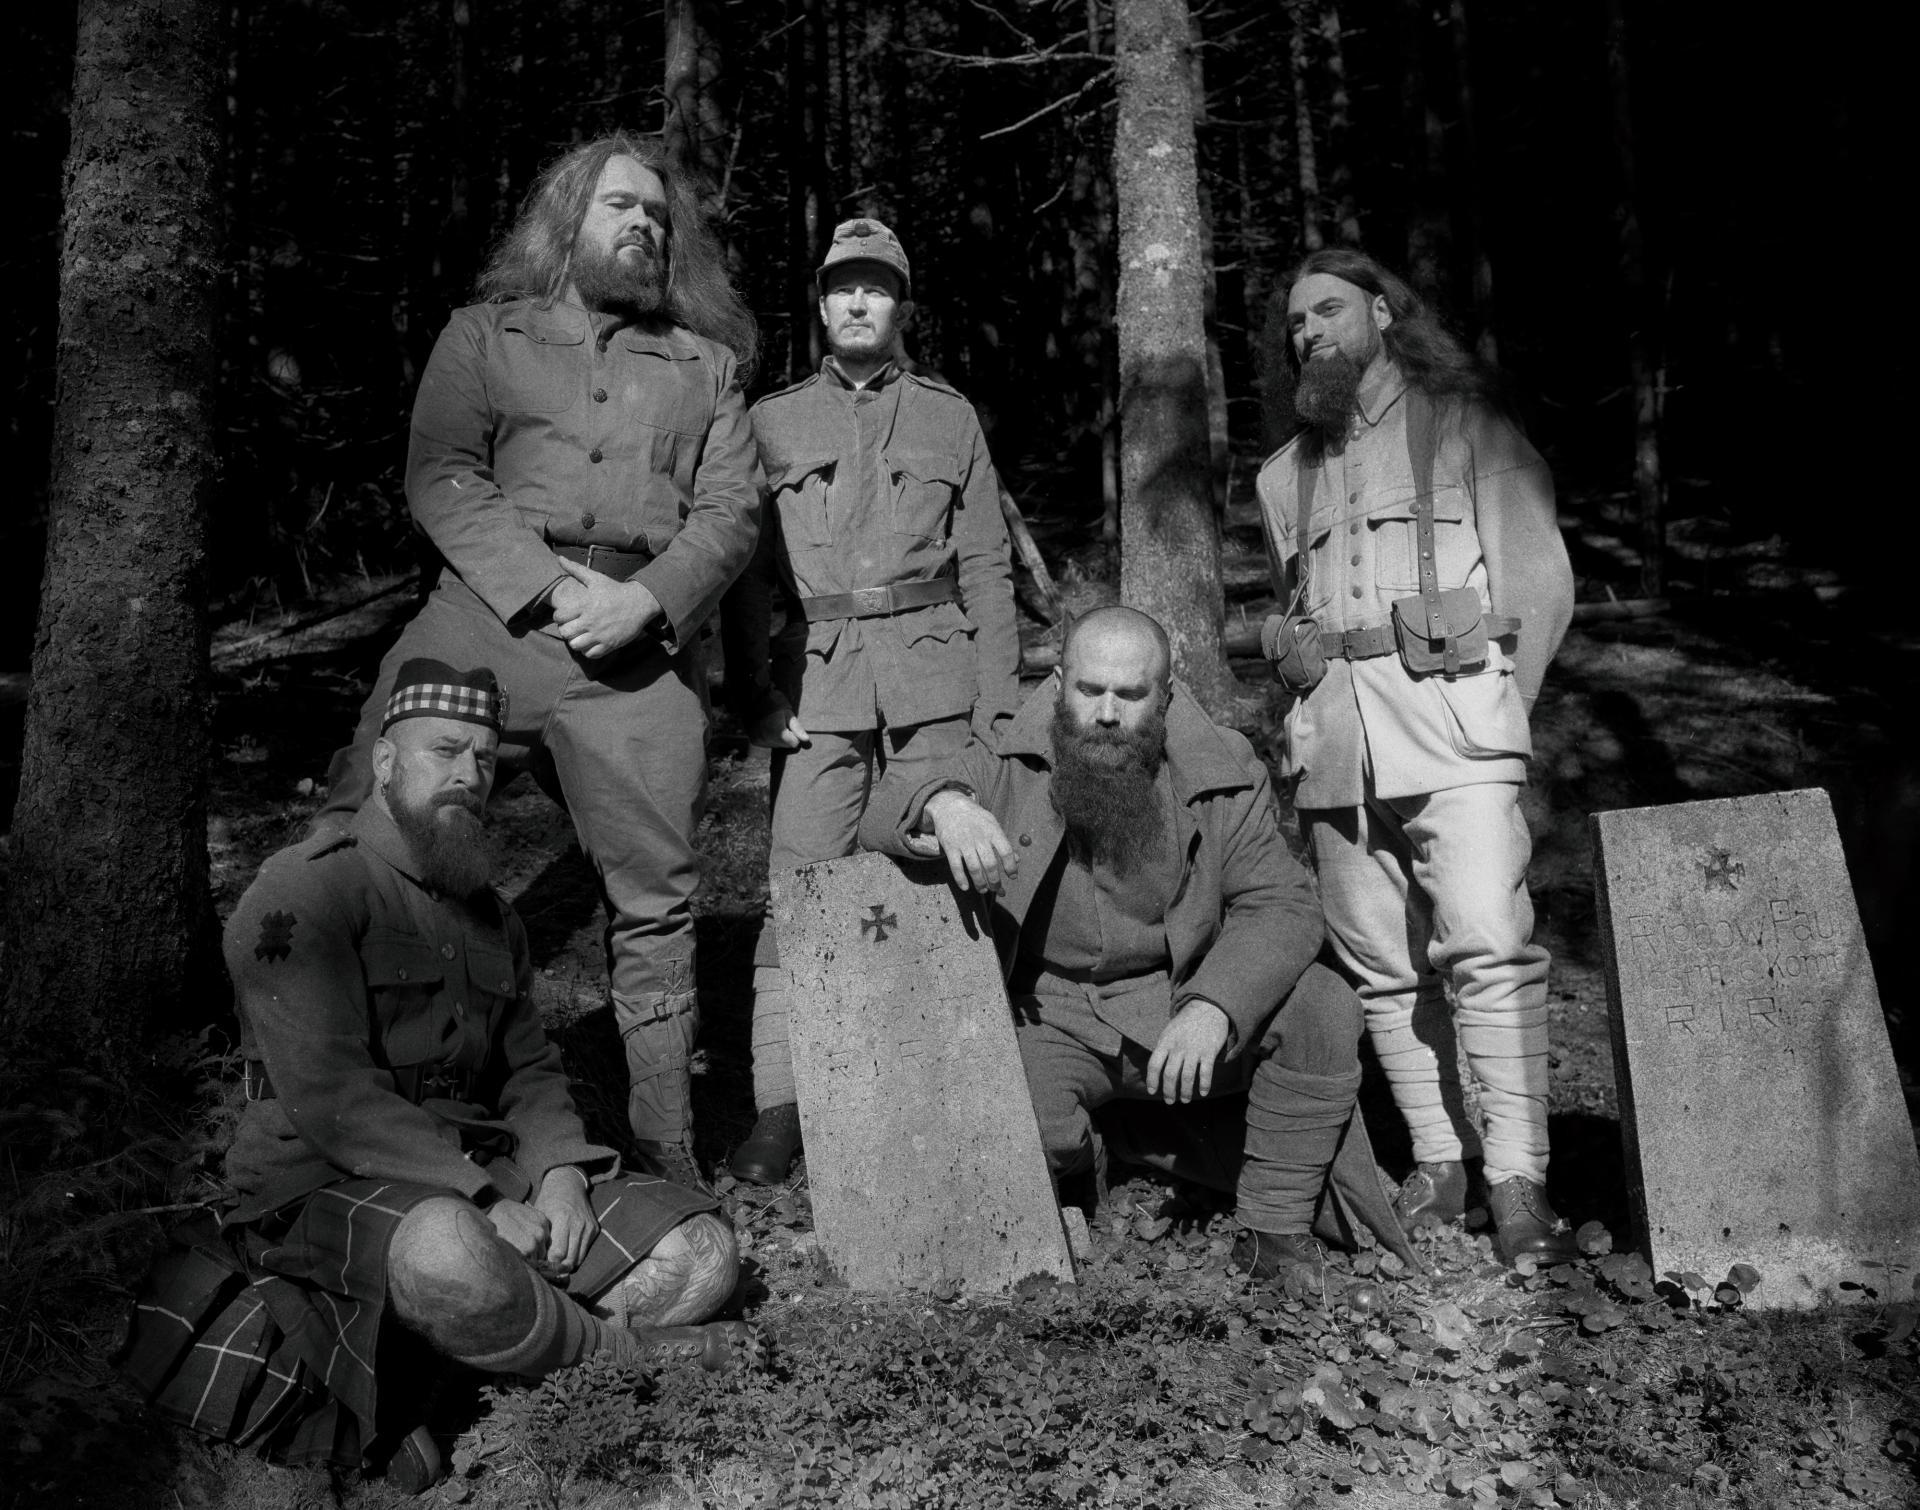 1914 1a photo credit may lee